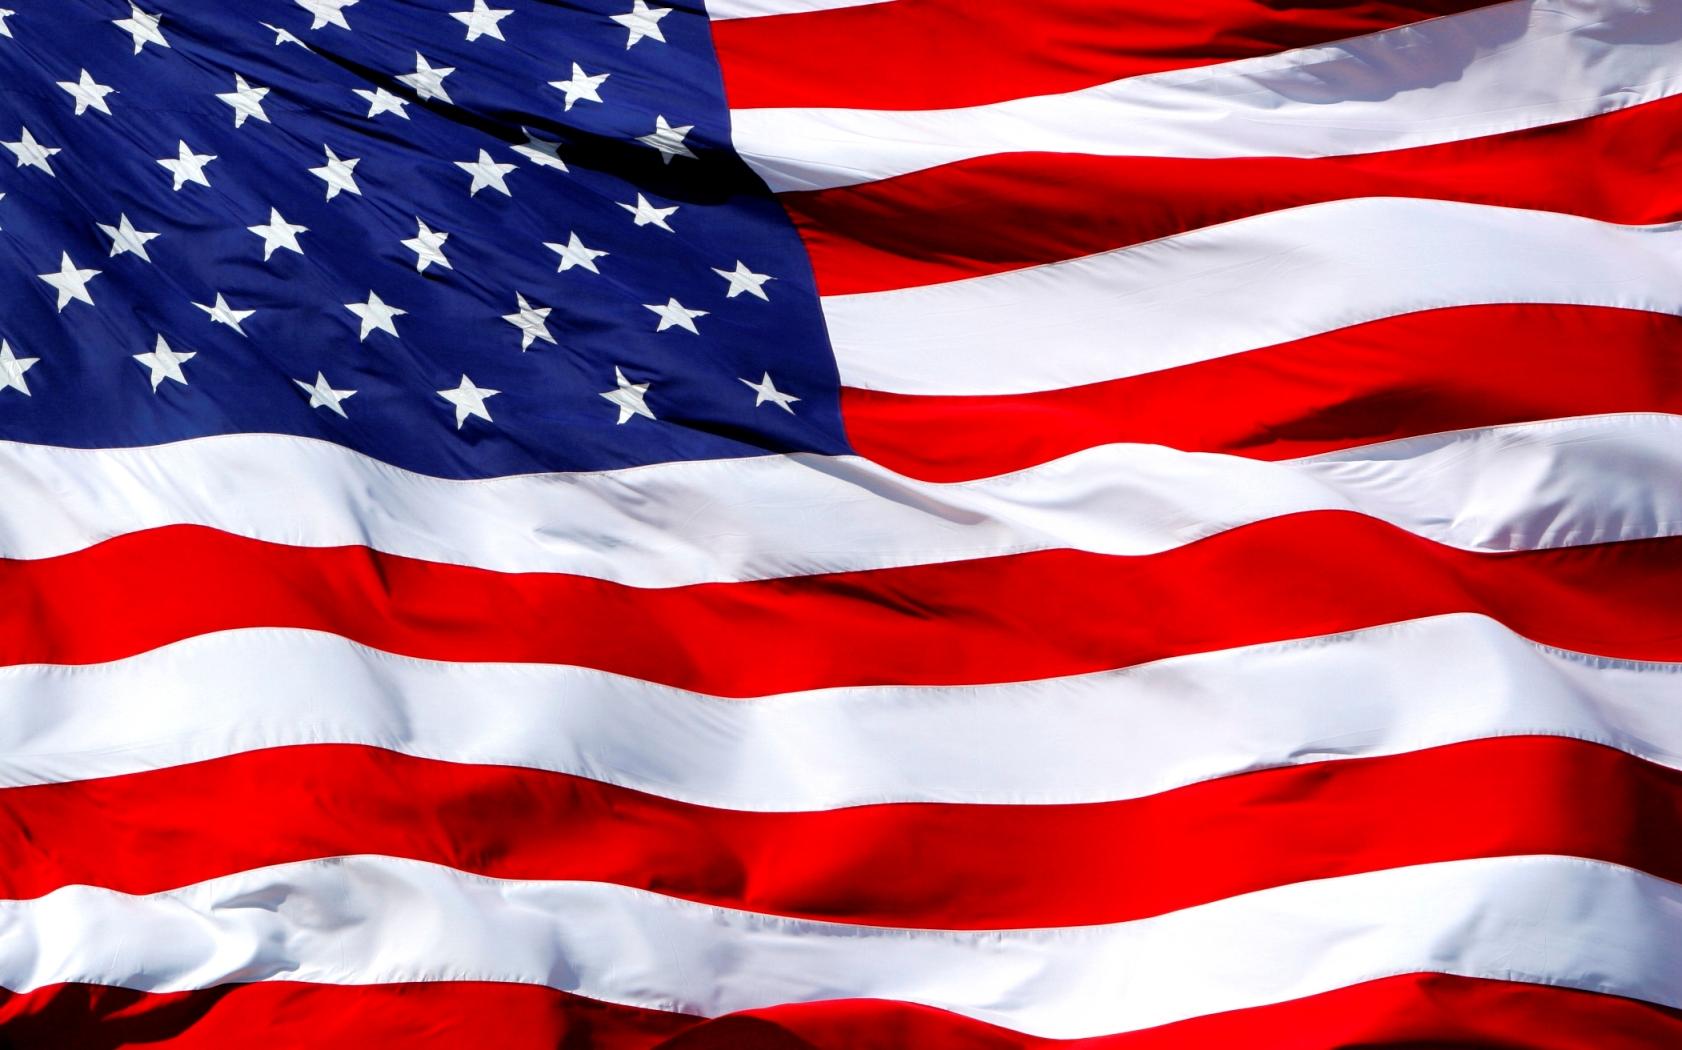 American flag hd wallpaper wallpapersafari - American flag hd ...